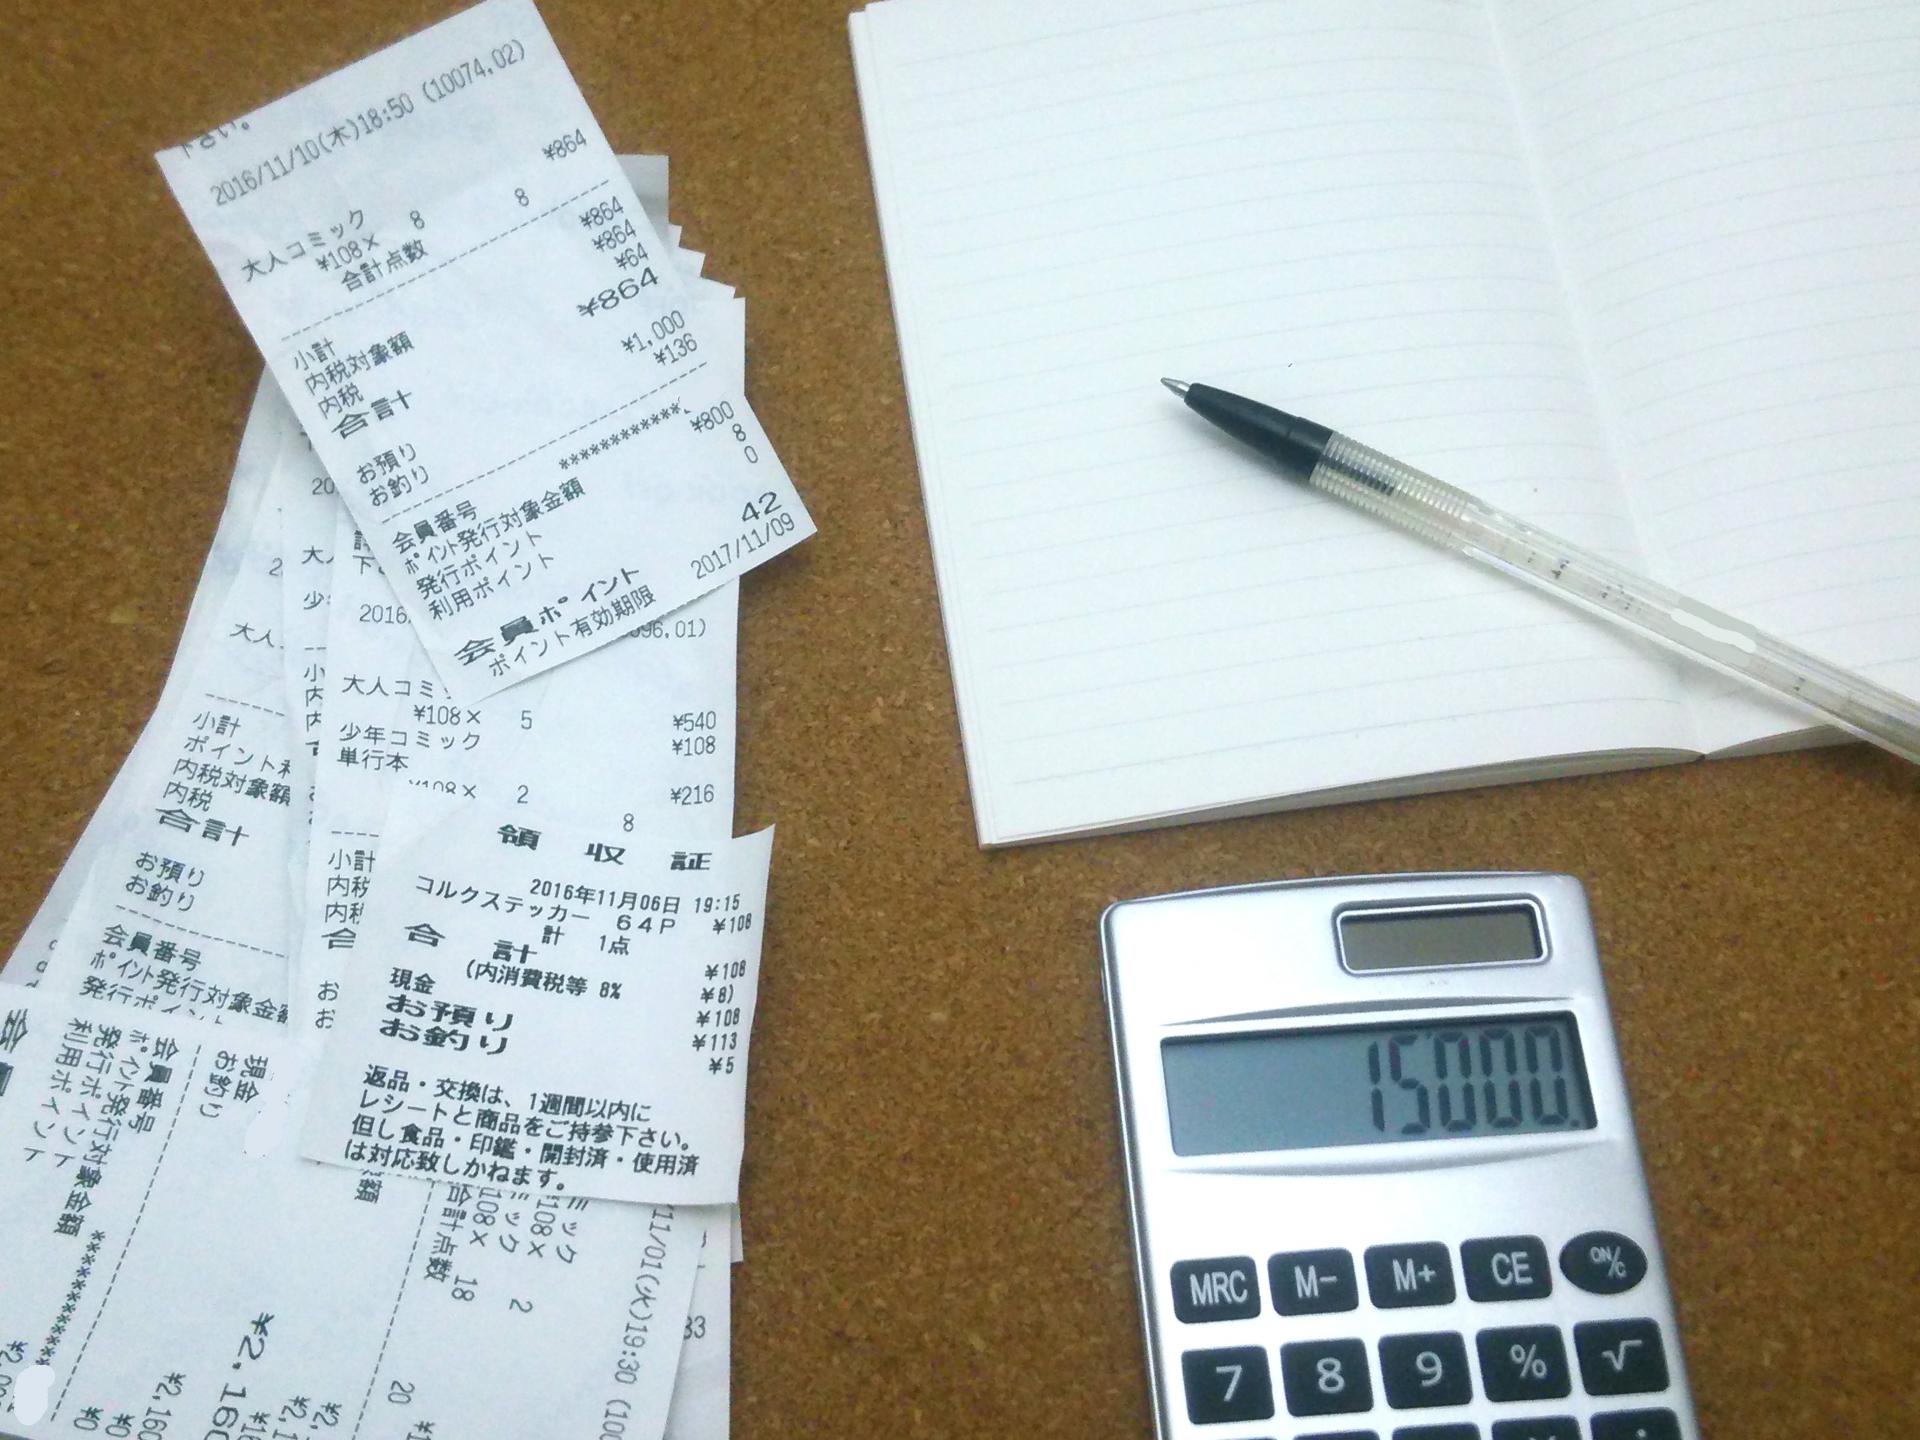 個人事業主に必要な領収書とは?経費を賢く管理して確定申告に備える